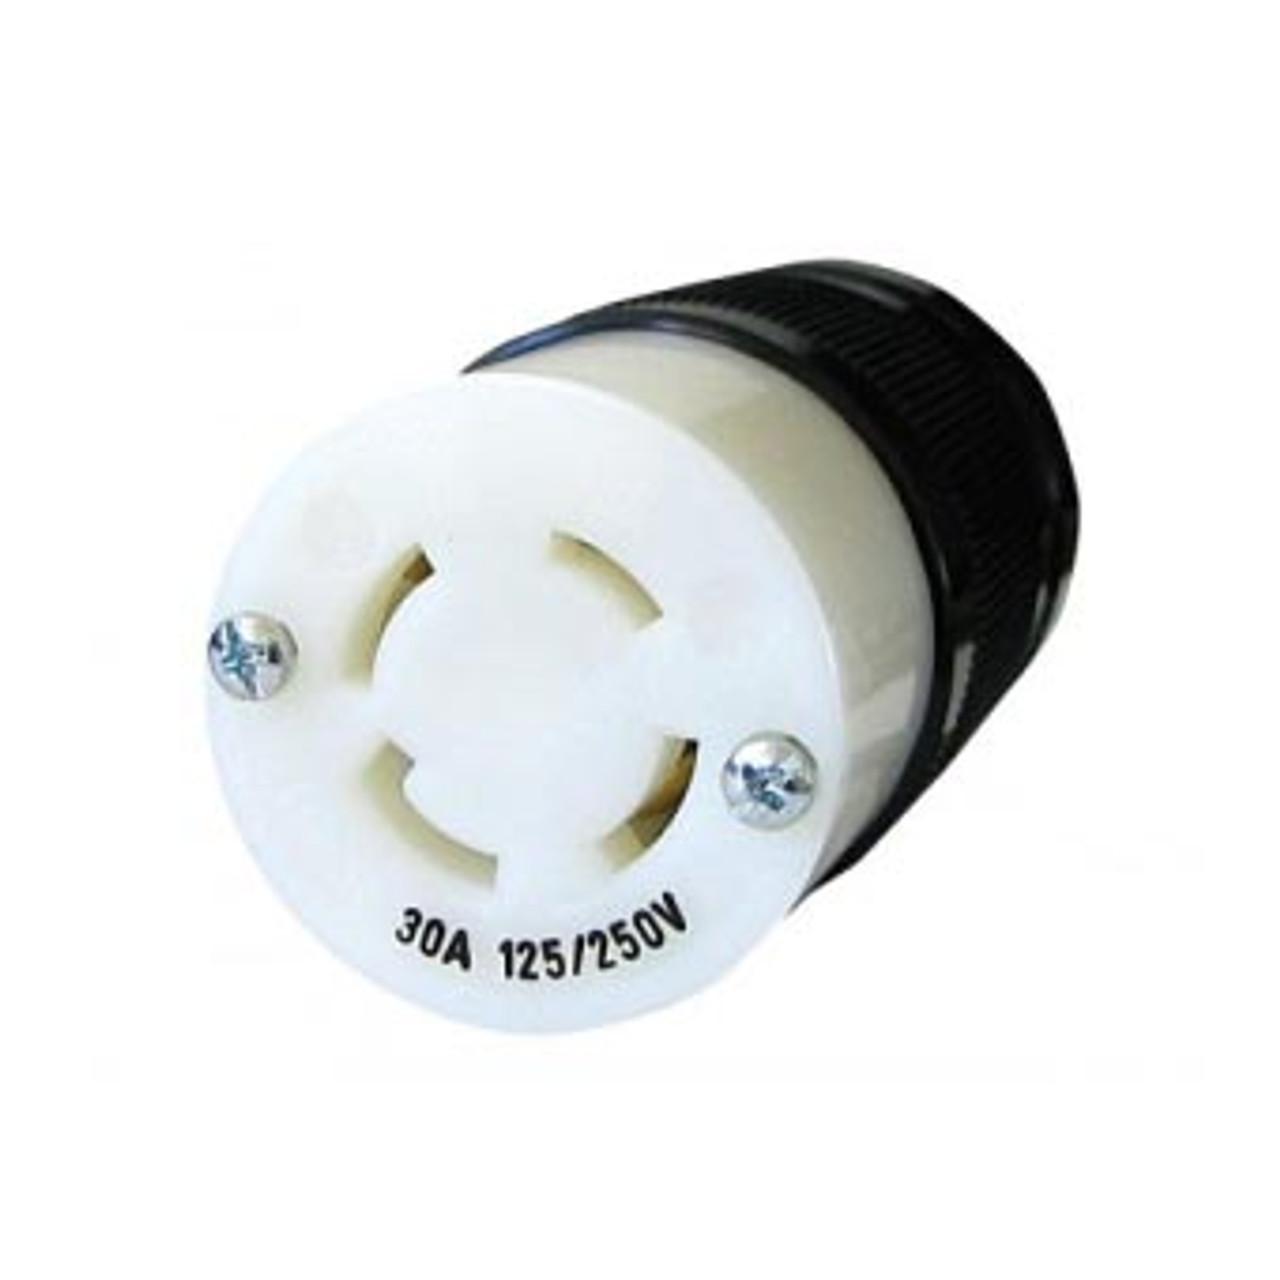 L14-30 30AMP 125/250V 4W locking